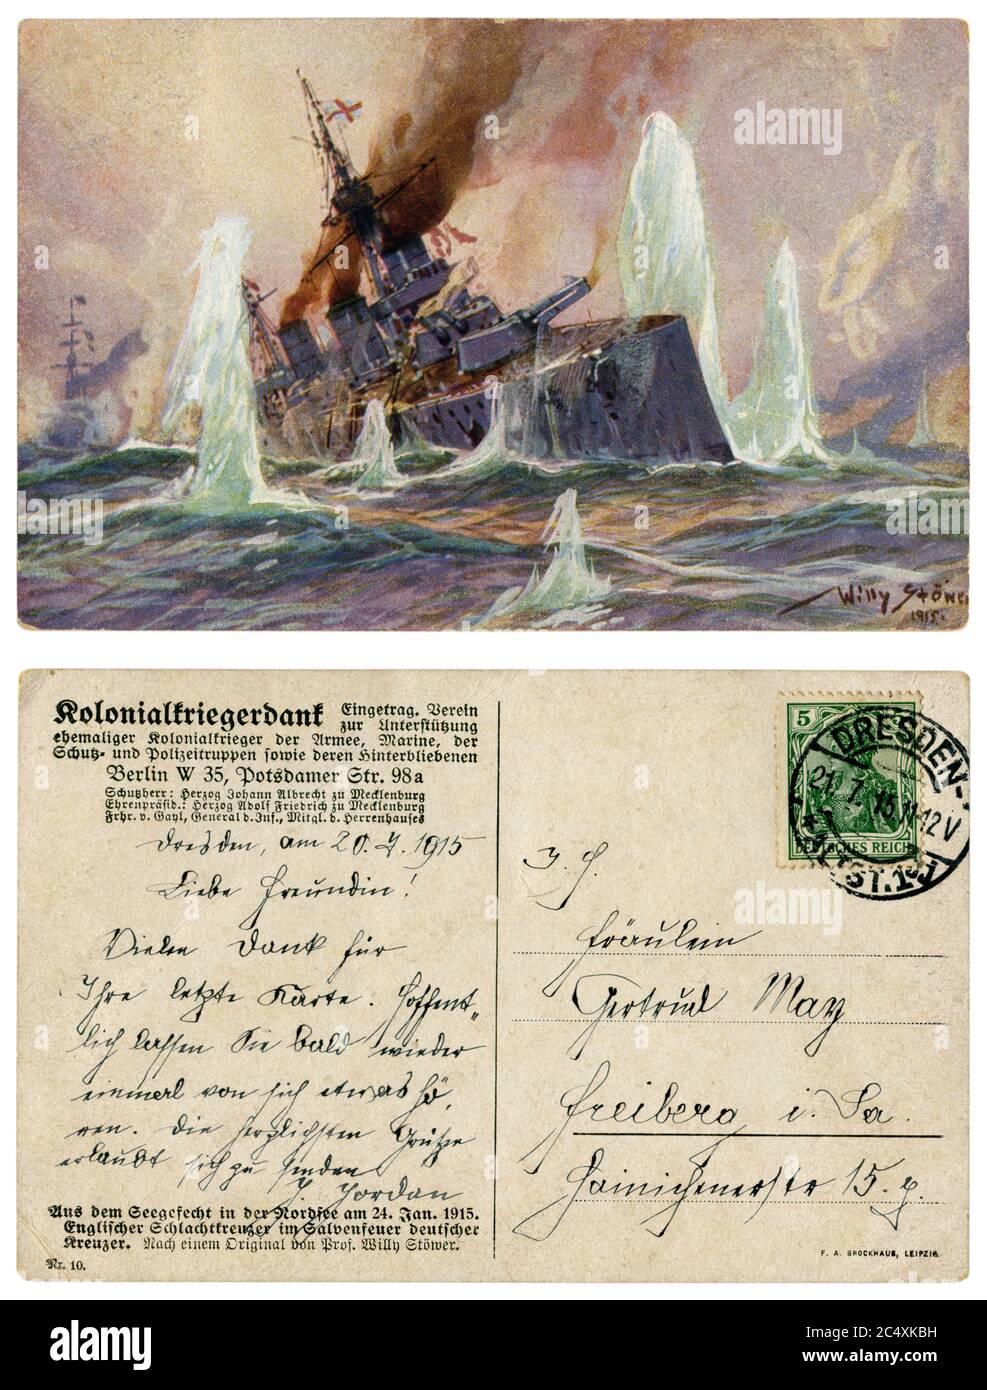 Carte postale historique allemande : bataille navale en mer du Nord. Croiseur anglais sous feu de croiseurs allemands, Marine impériale allemande, 24 janvier 1915 Banque D'Images